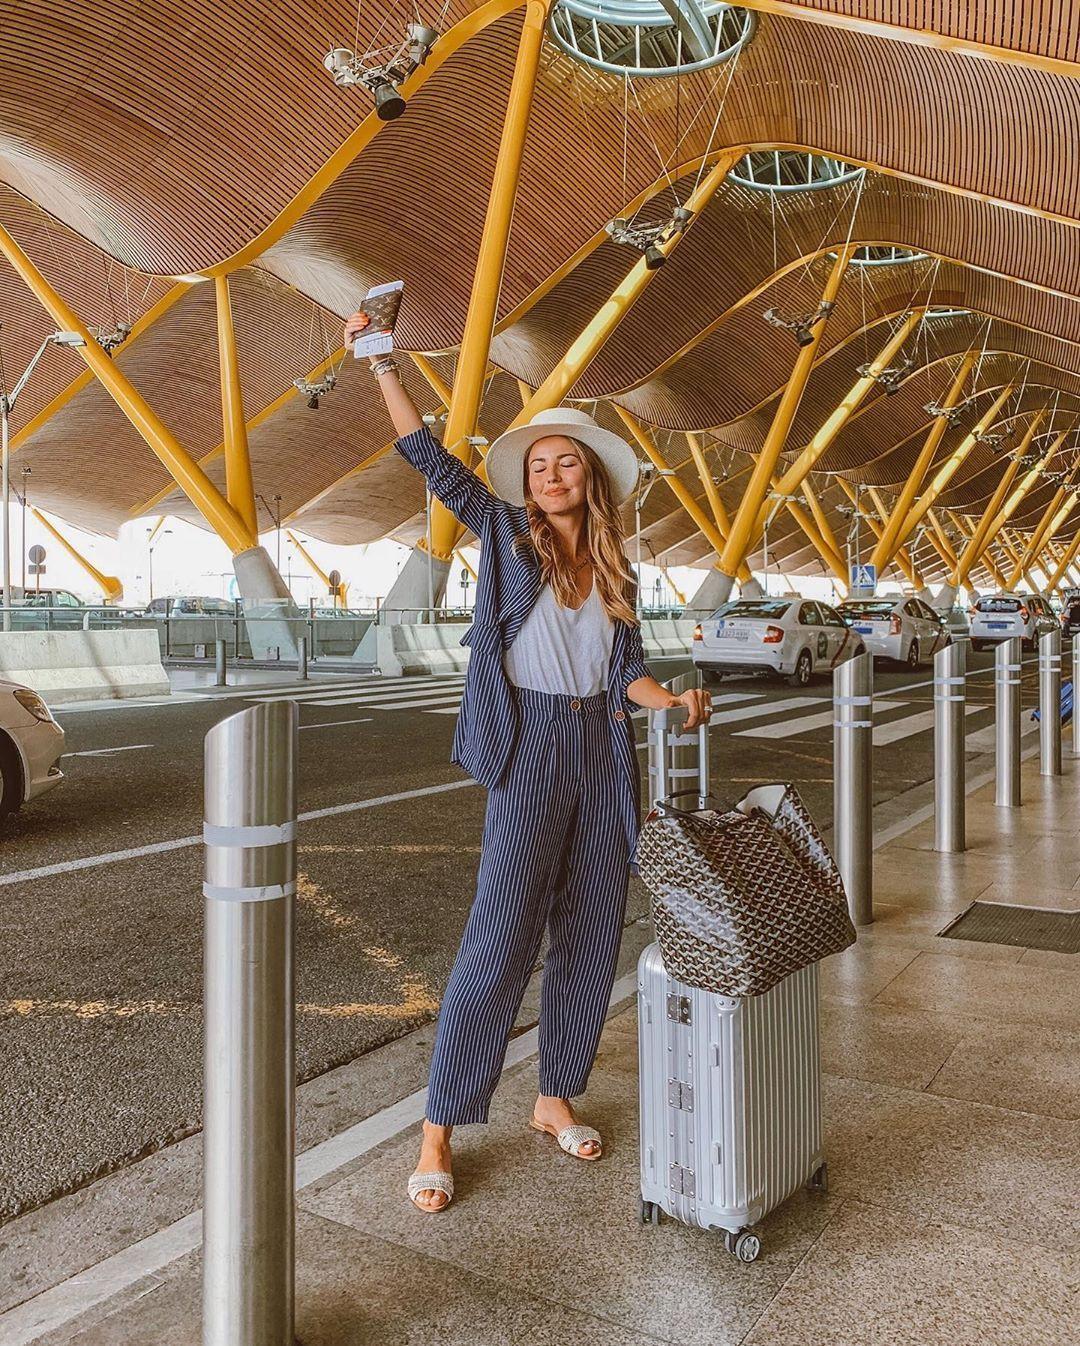 Πως να ντυθώ στο ταξίδι; 11 Looks για να δείχνεις πιο στυλάτη και κομψή με...βαλίτσες!